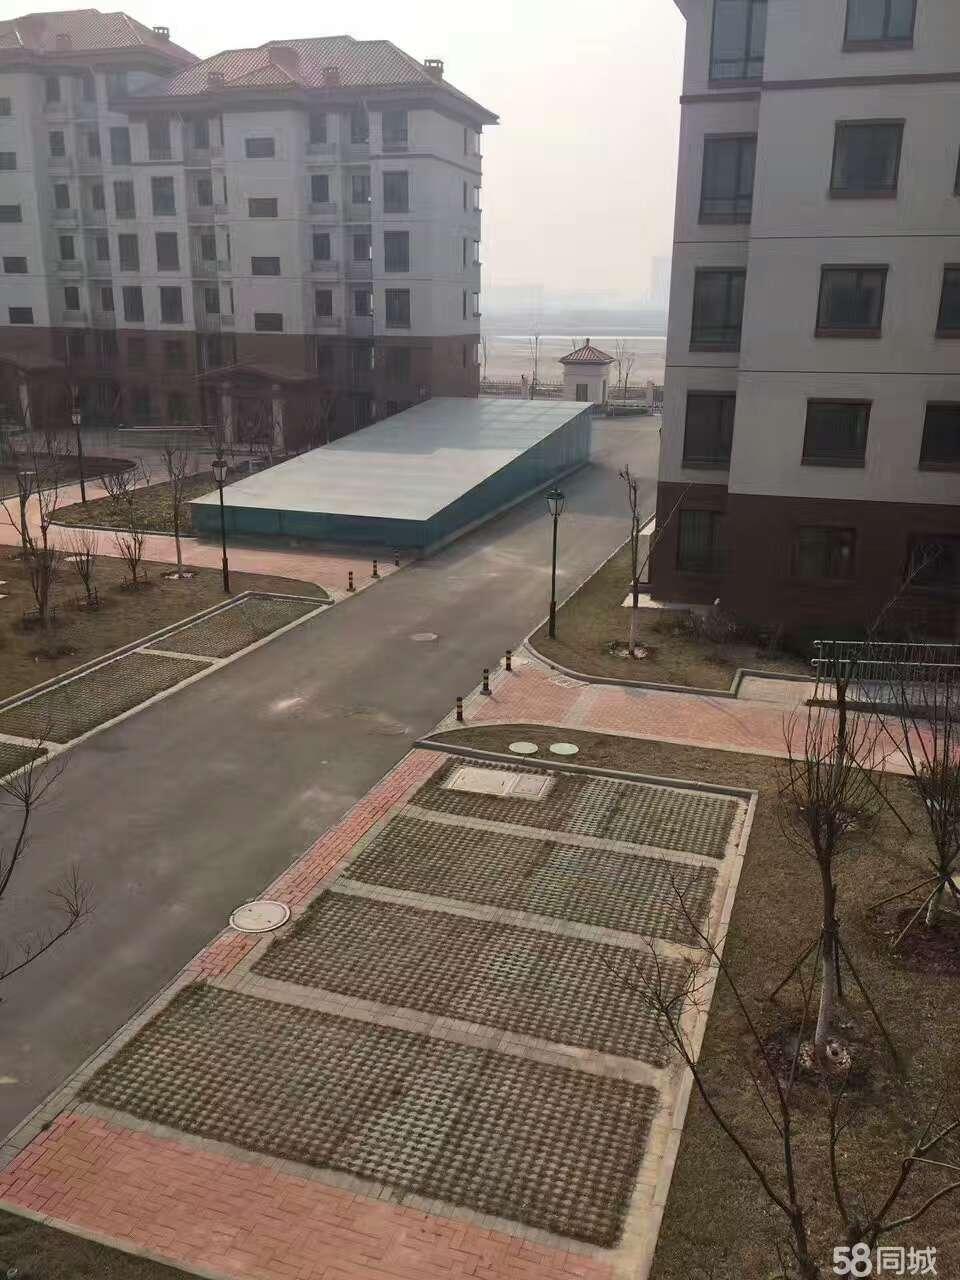 滨海新区楼盘排行榜,2020天津滨海新区热门楼盘大全... -安居客